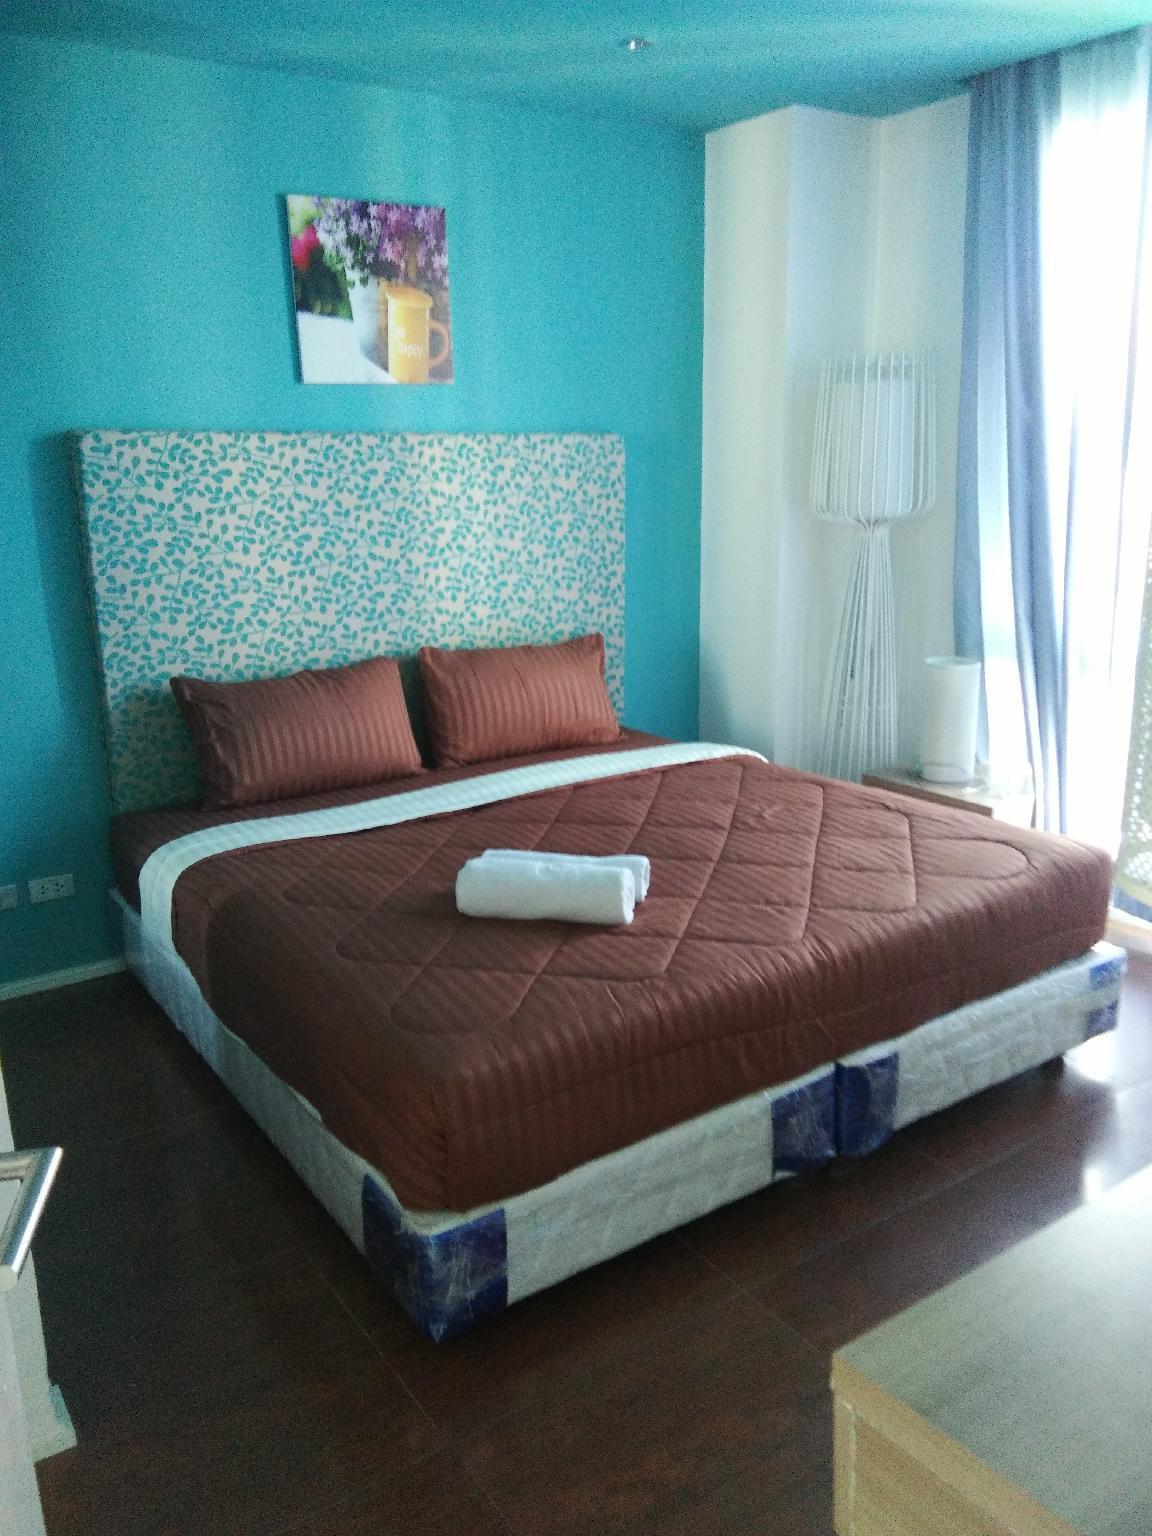 Atlantis resort condo C808 by AK อพาร์ตเมนต์ 1 ห้องนอน 1 ห้องน้ำส่วนตัว ขนาด 40 ตร.ม. – หาดจอมเทียน